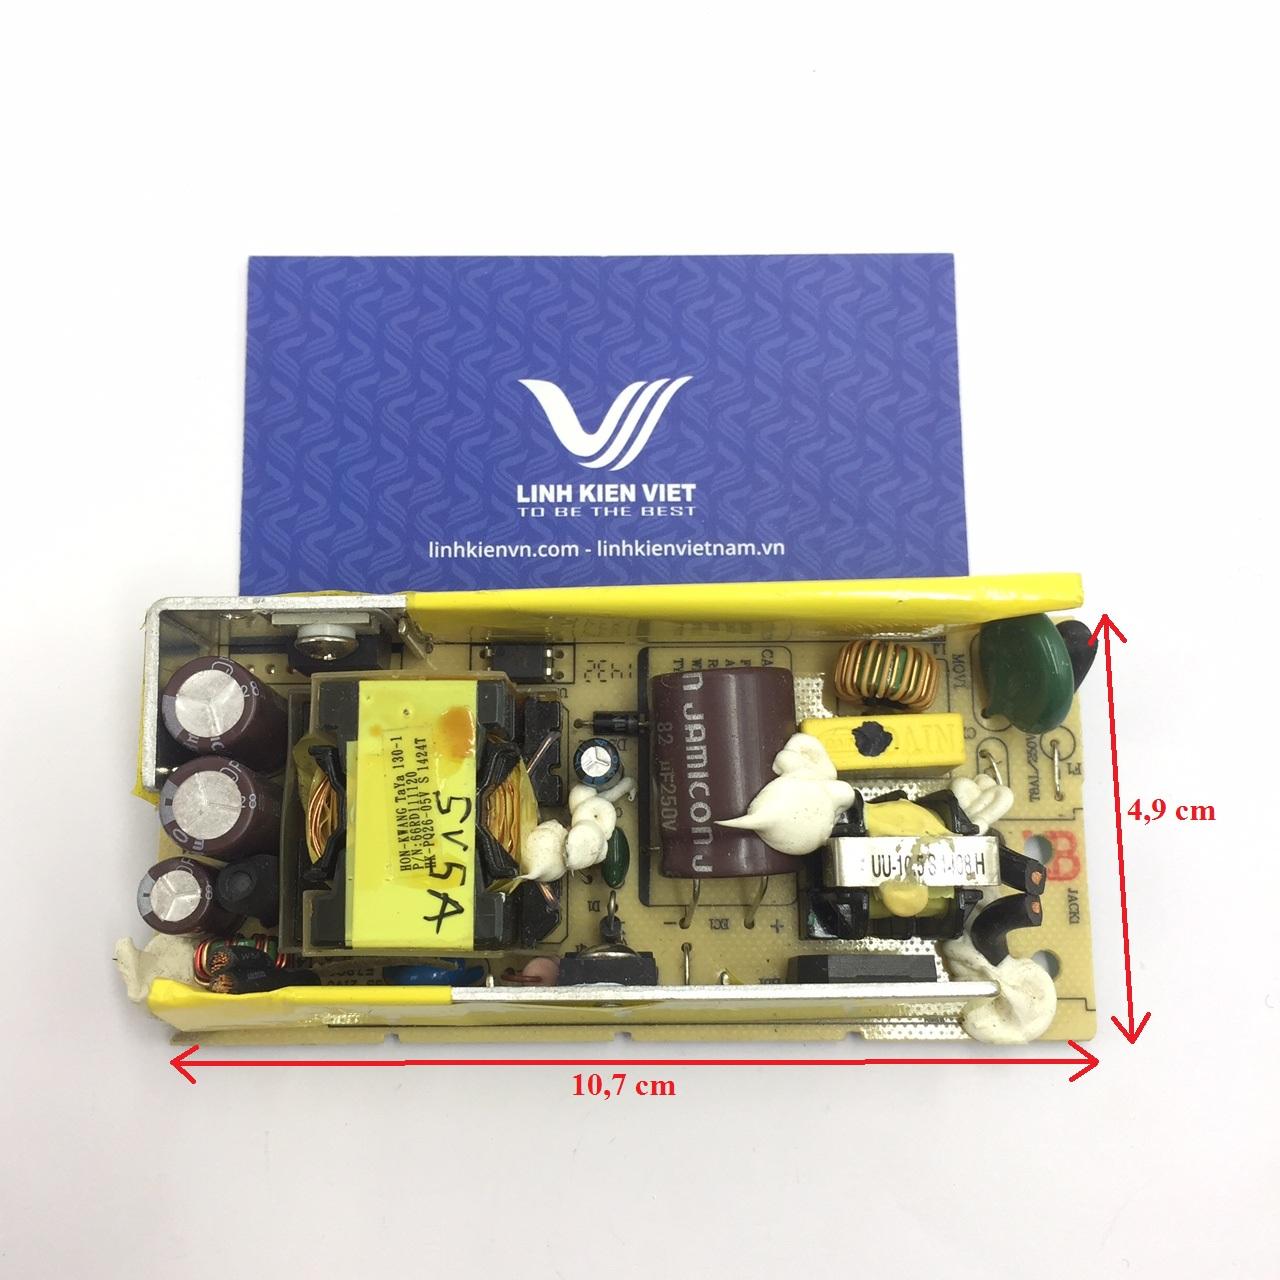 Nguồn adapter 5V 5A không vỏ - B3H10(KA7H4)